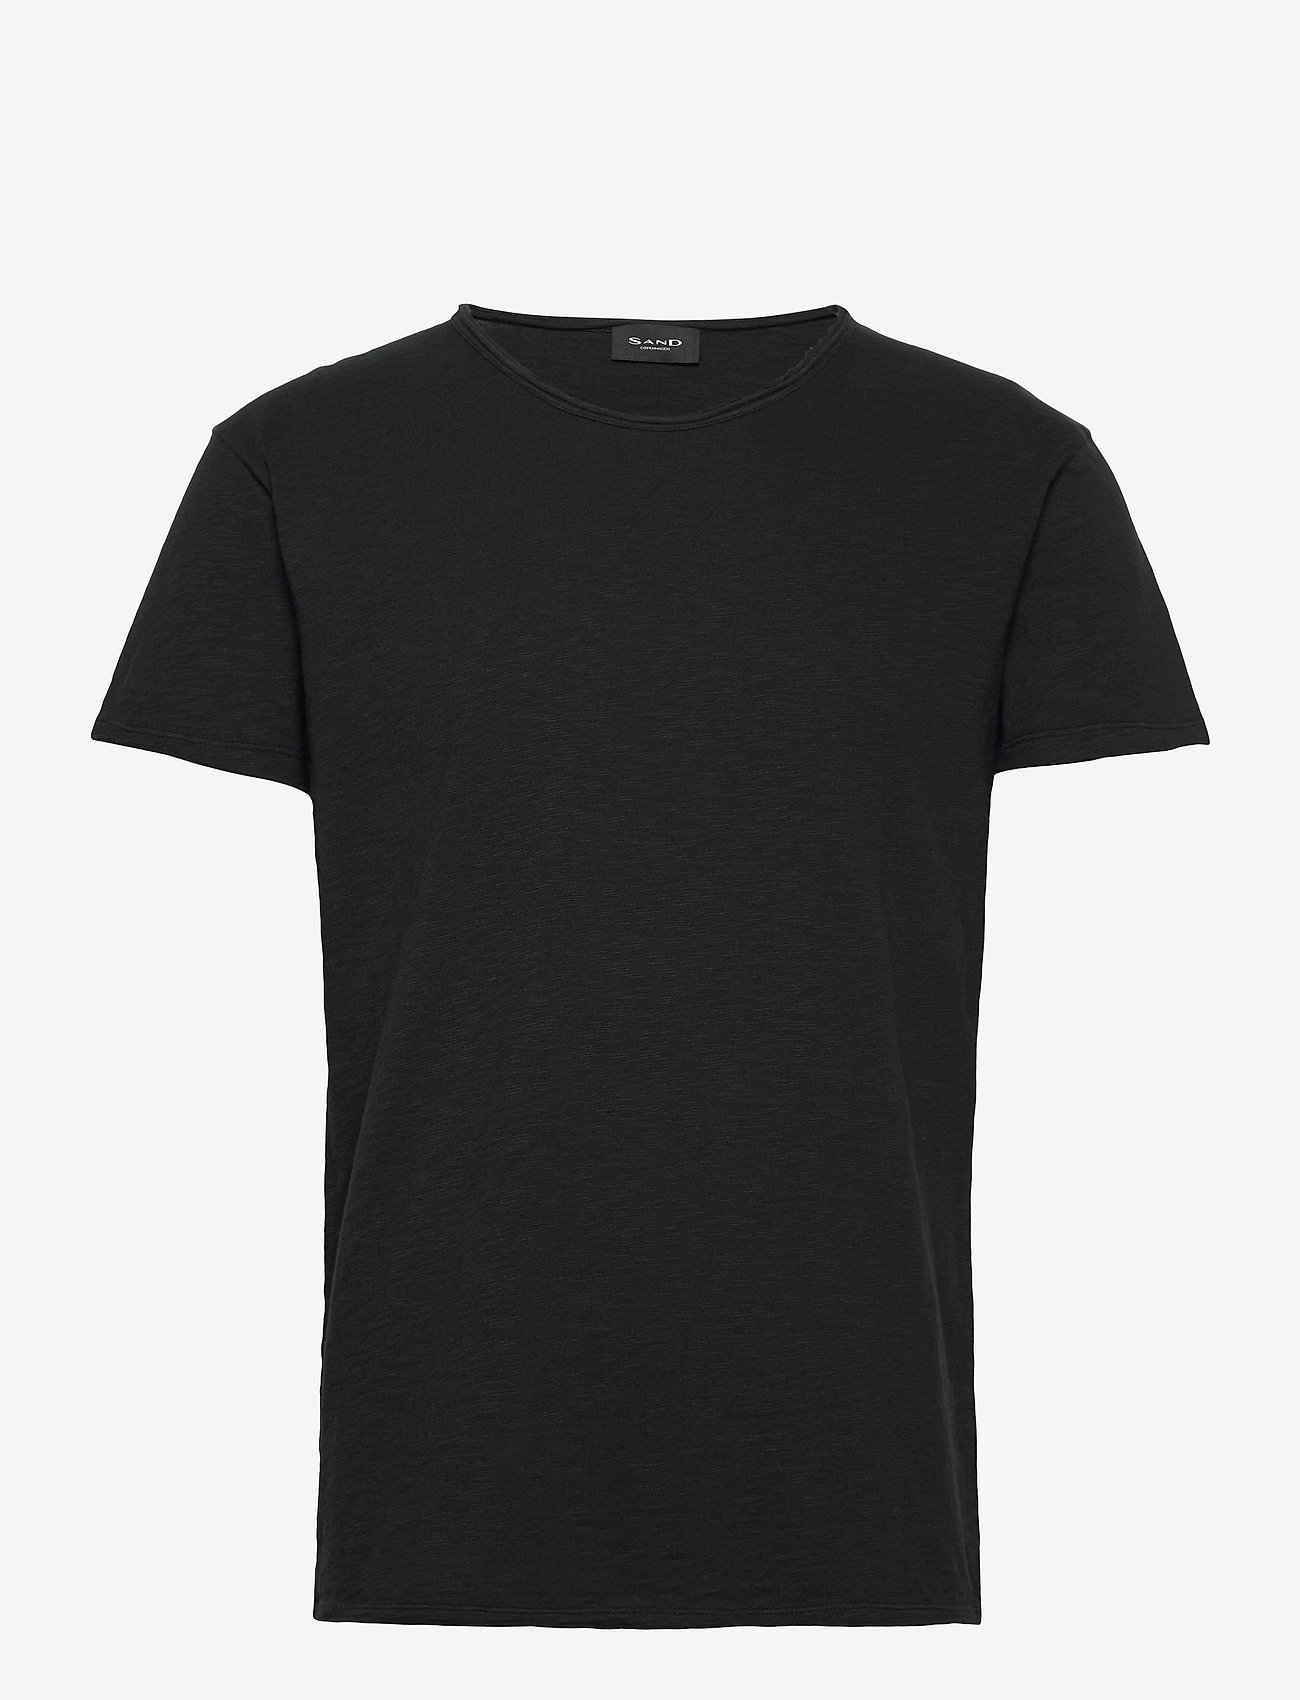 SAND - 4829 - Brad O - basic t-shirts - black - 0